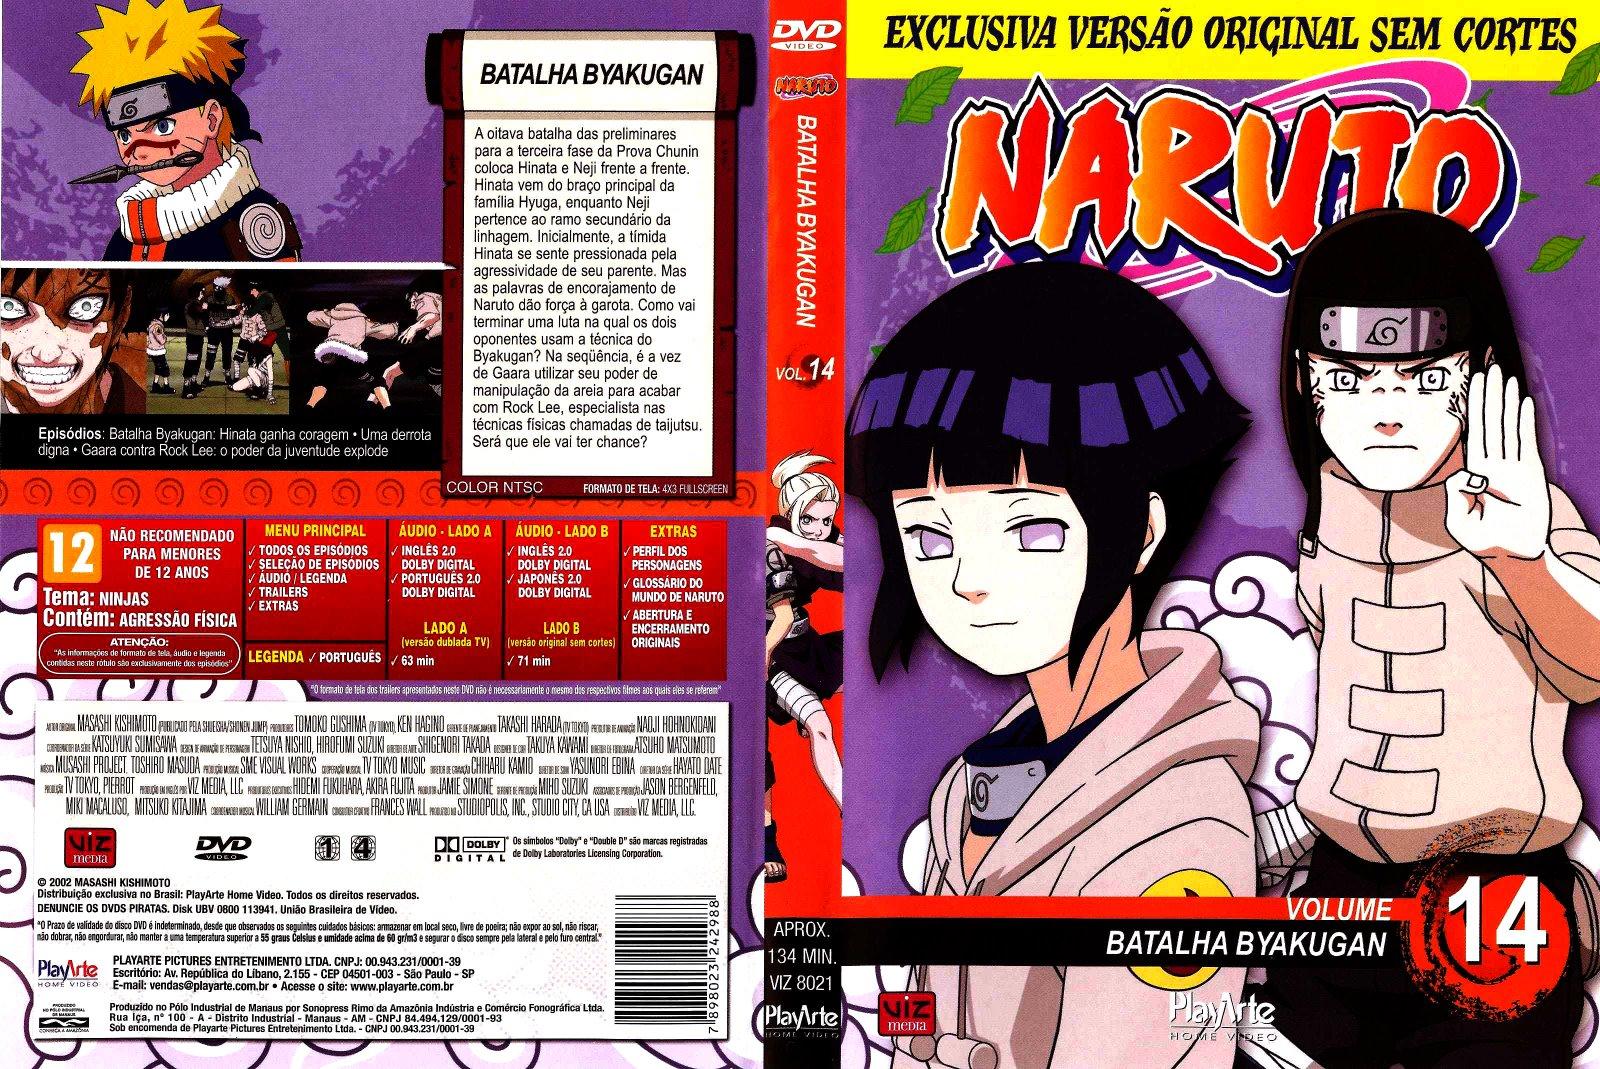 [Naruto+-+Volume+14+-+Batalha+Byakugan.jpg]